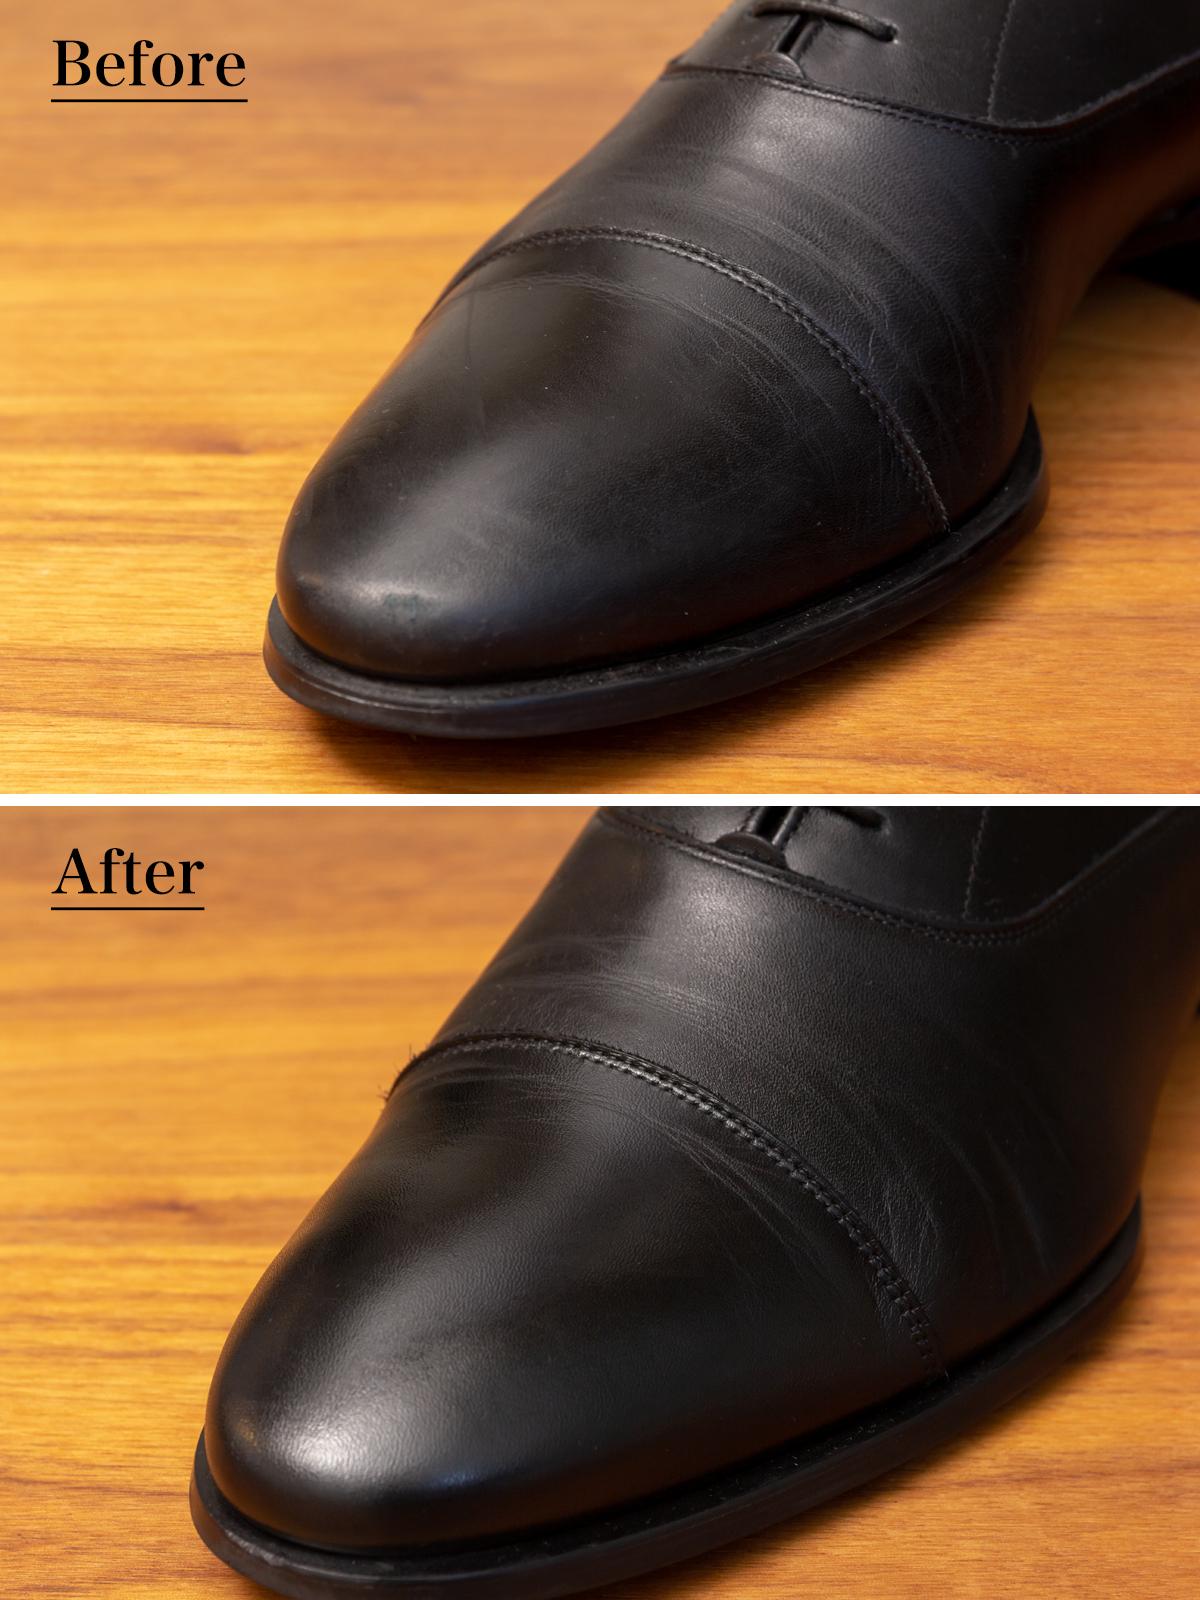 透明感のある凛々しい色味になる、染料ベースで透明感のある発色の靴クリーム| 三陽山長